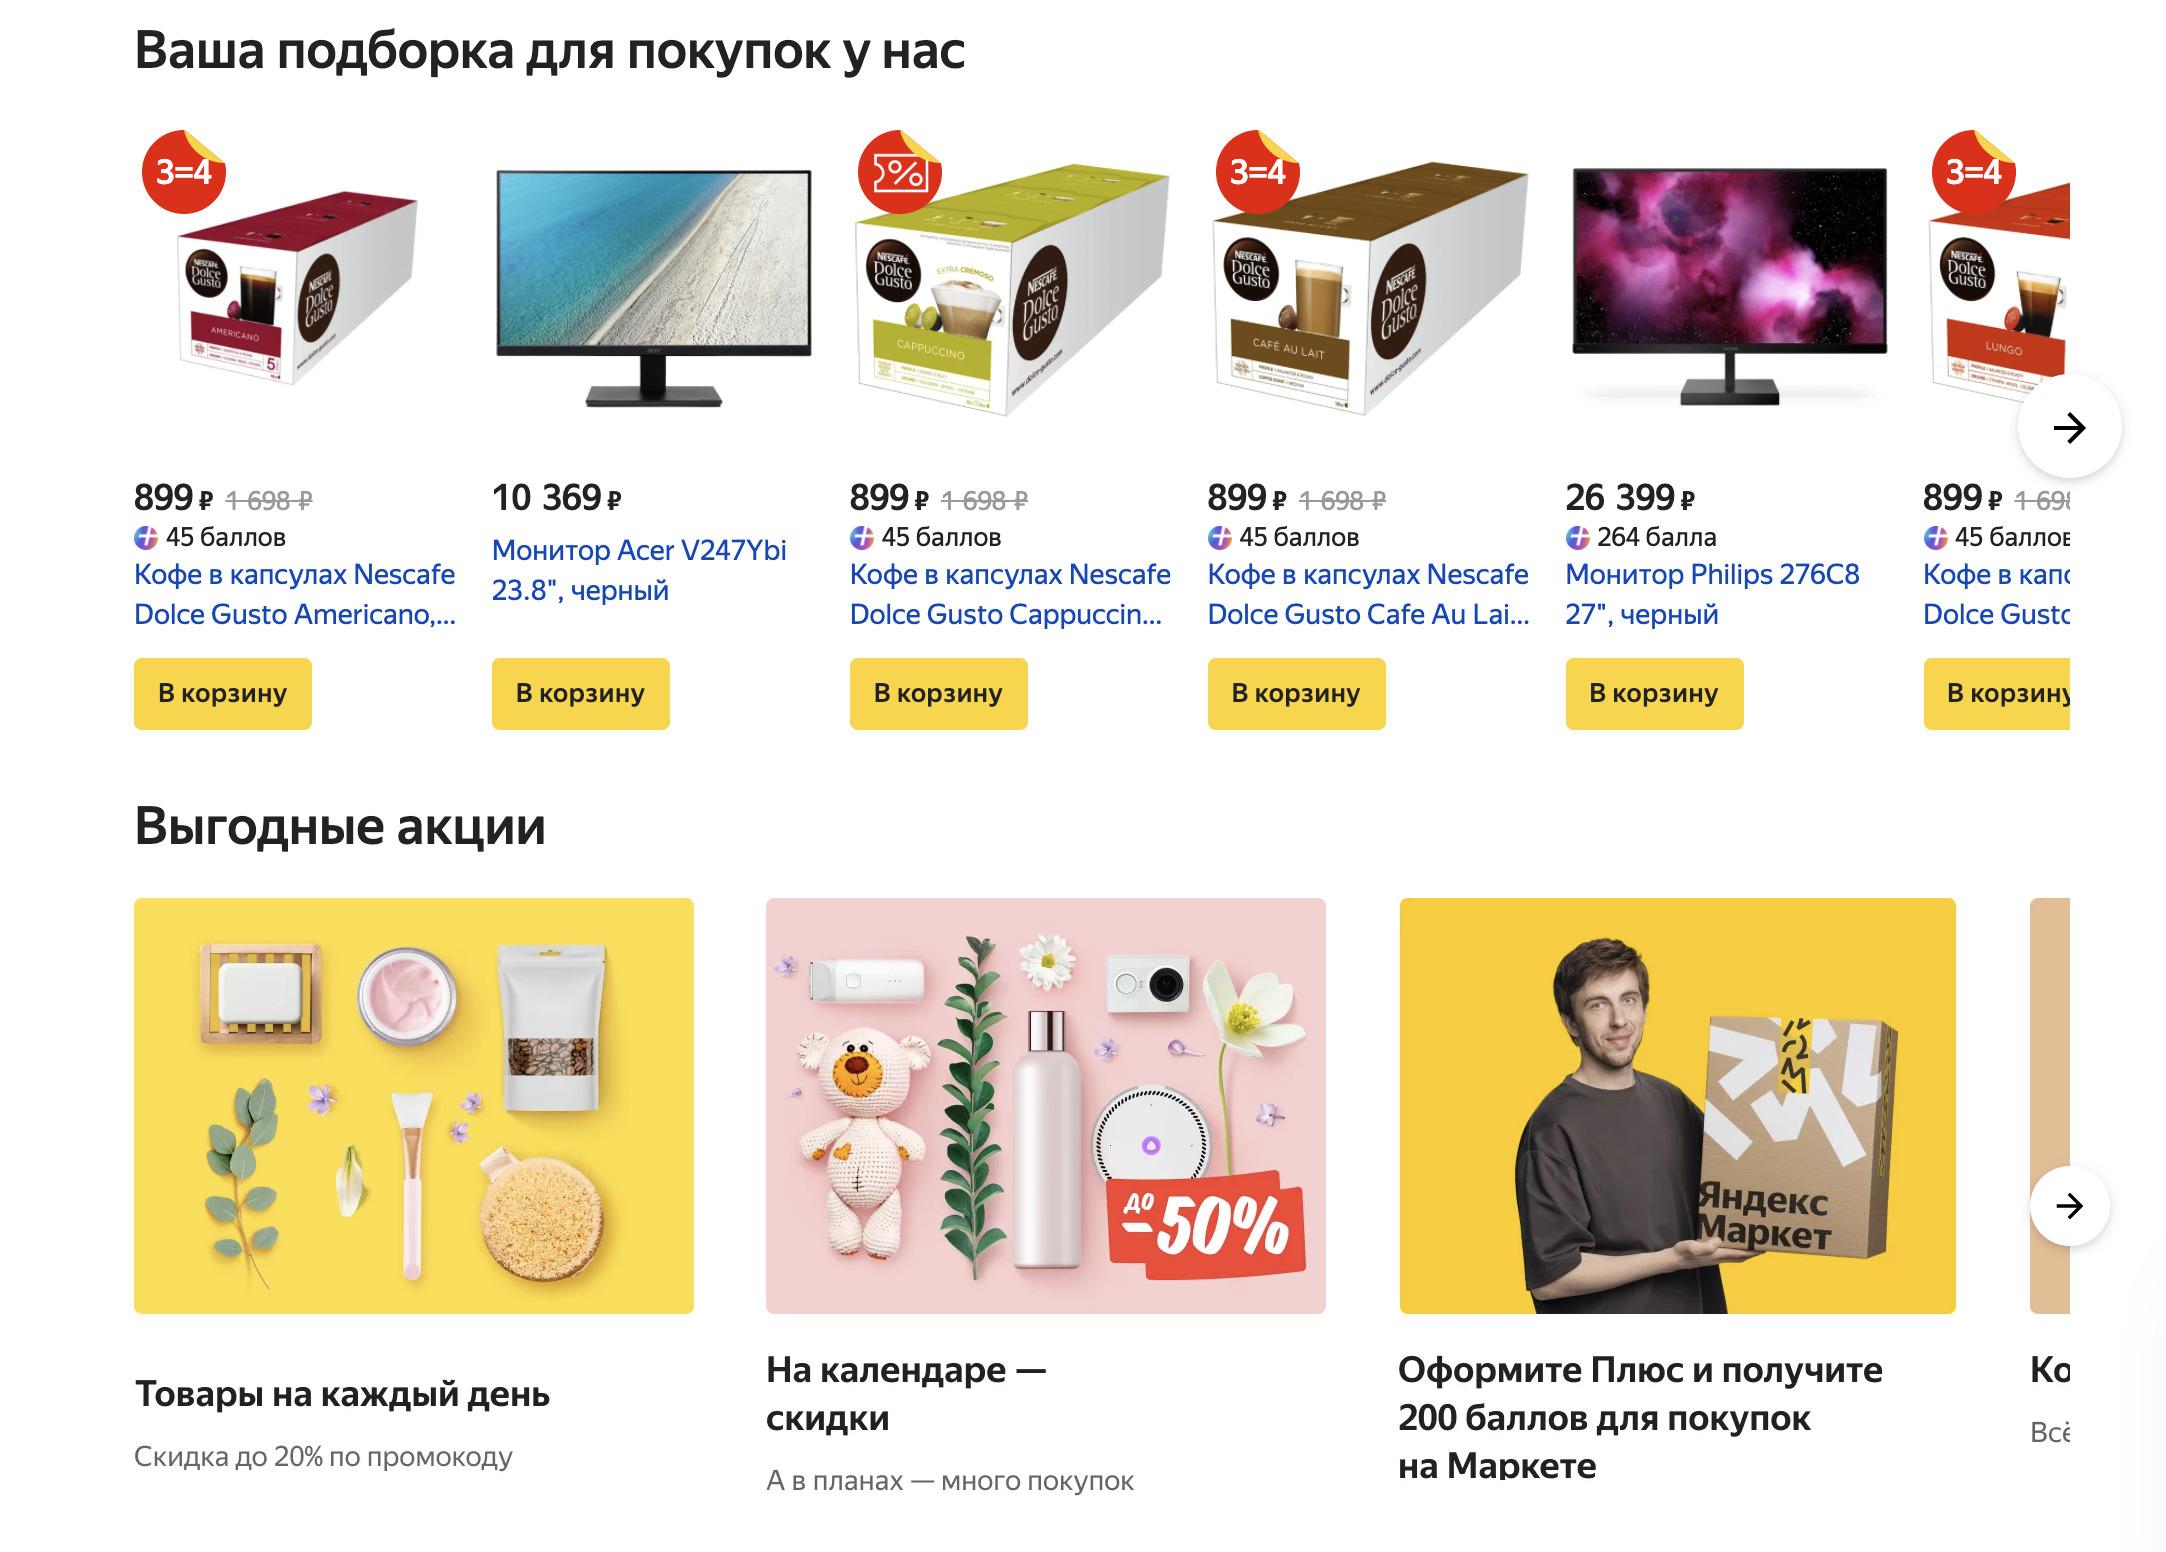 Доставка из Яндекс.Маркет в Геленджик, сроки, пункты выдачи, каталог